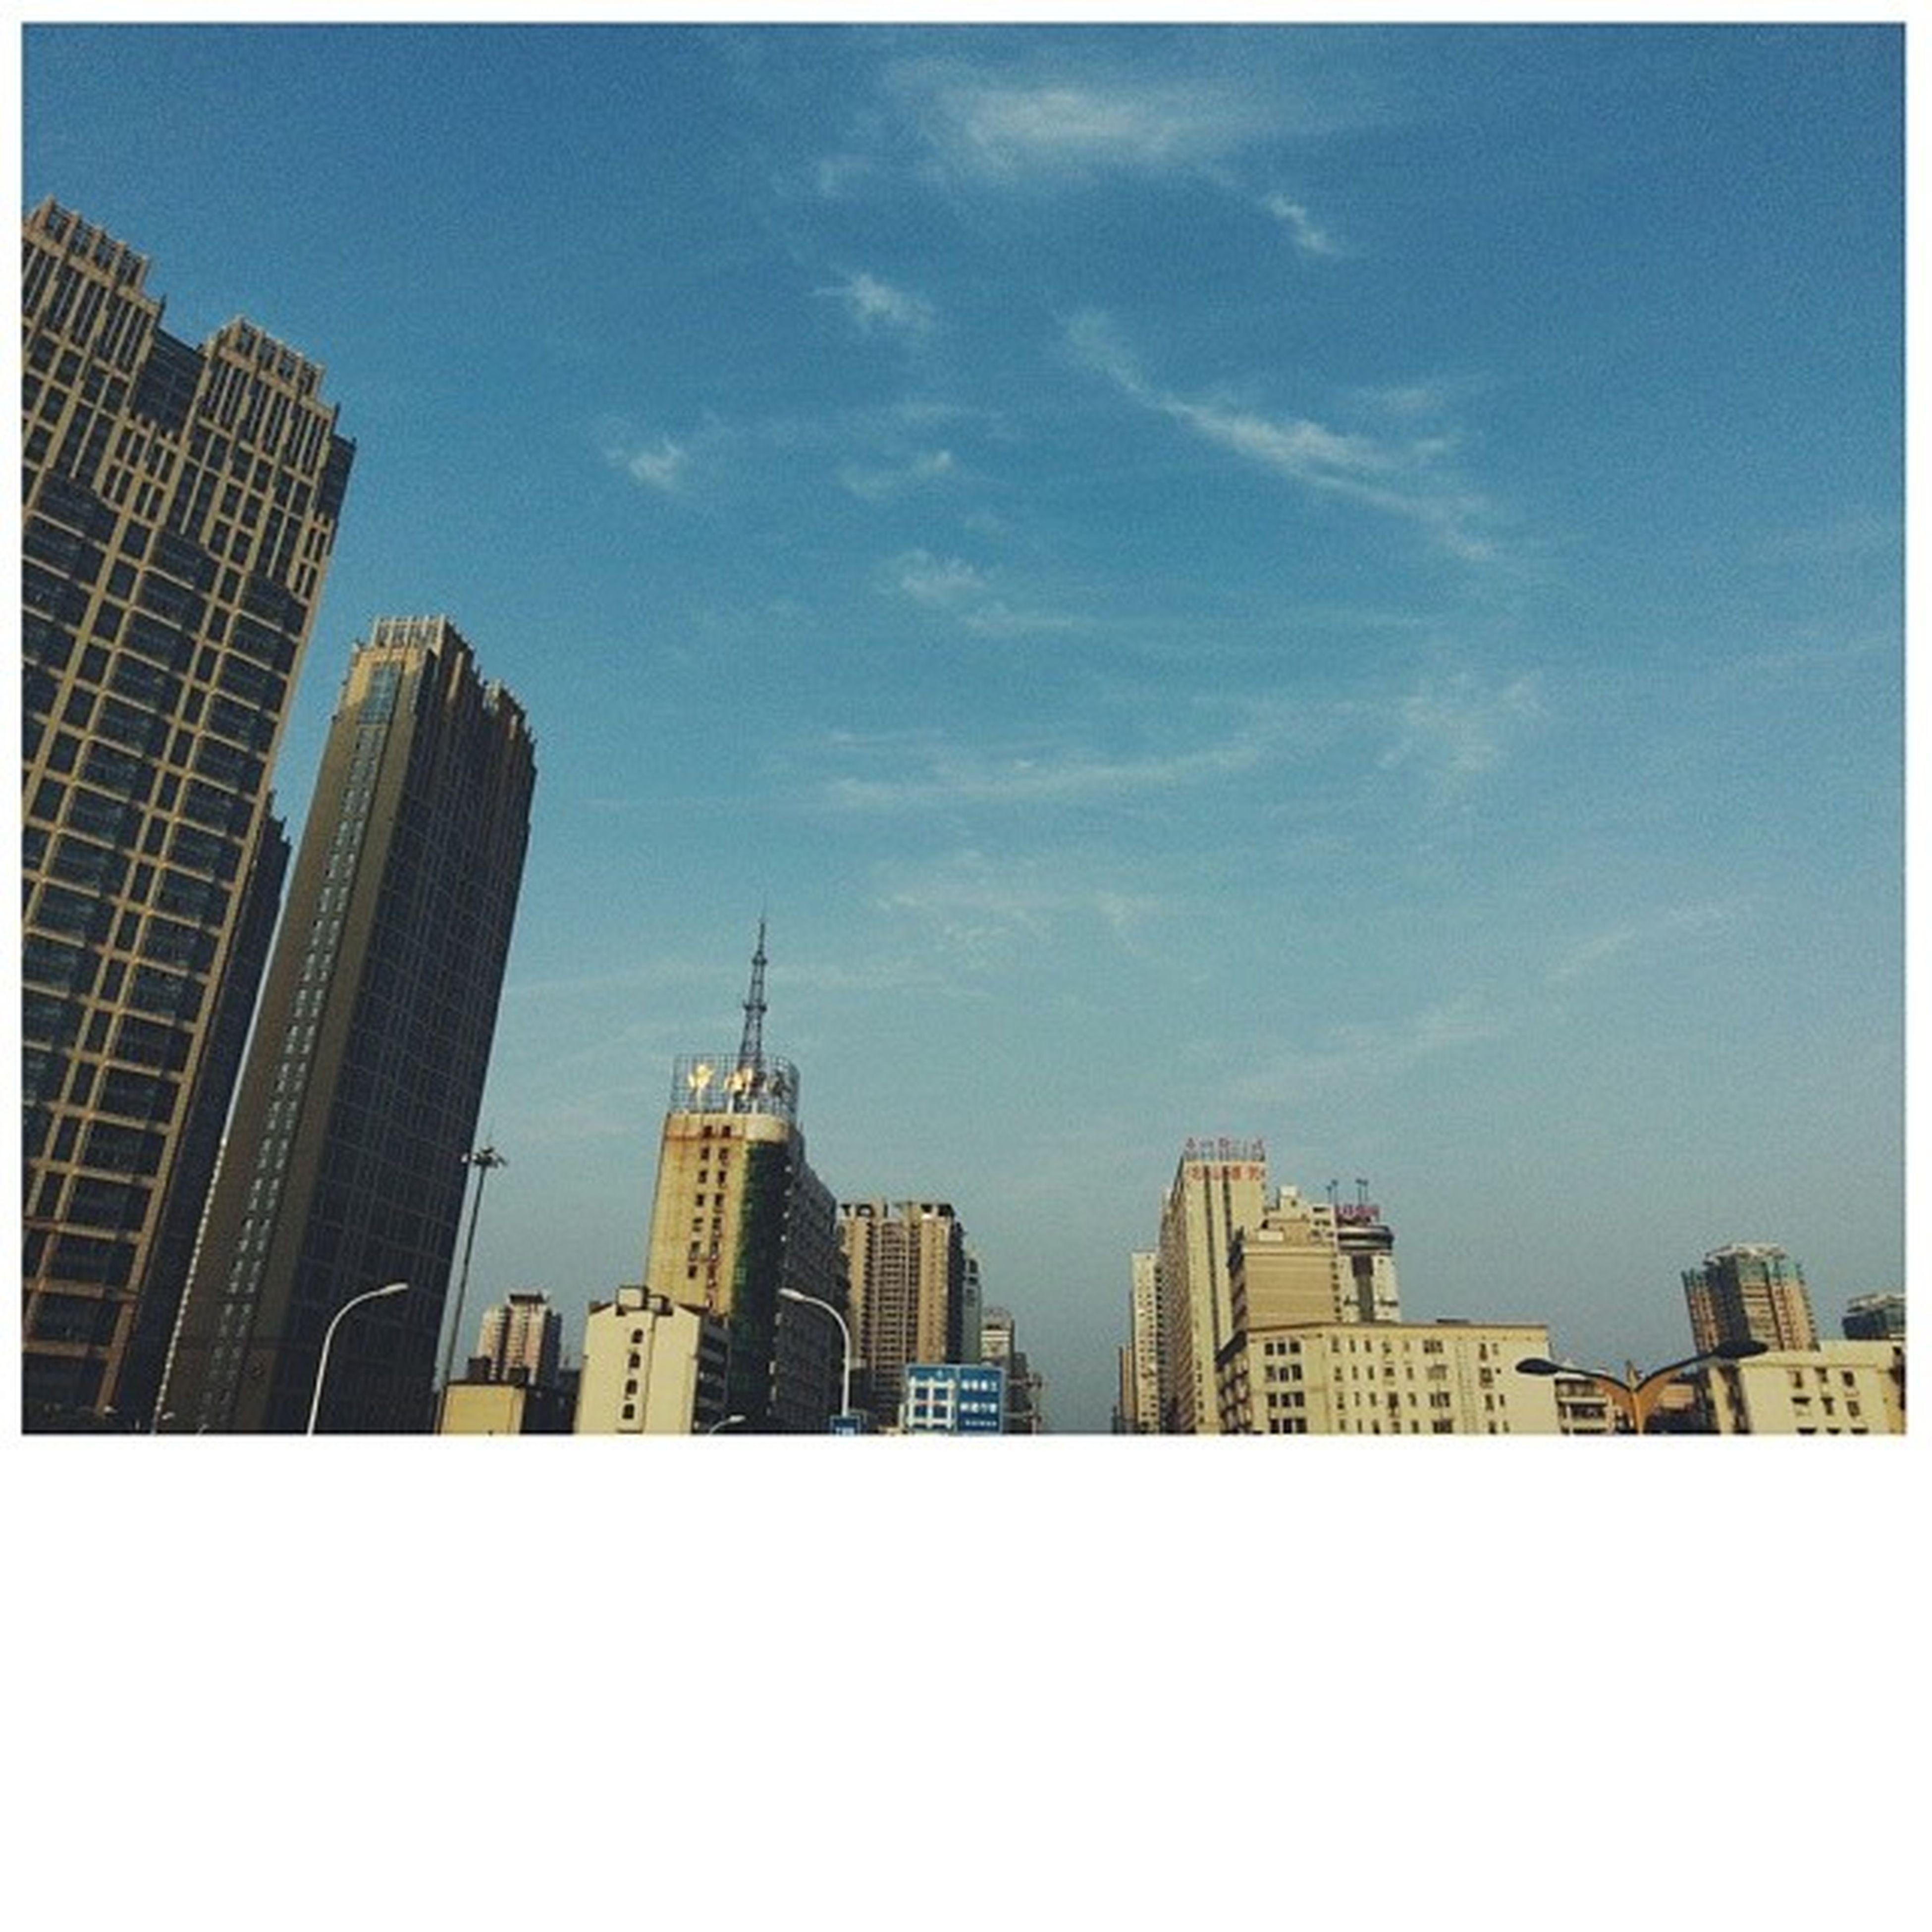 每天有如此天空,我必四十五度仰望她。(绝对不是四娘的粉) 长沙 Changsha 五一路